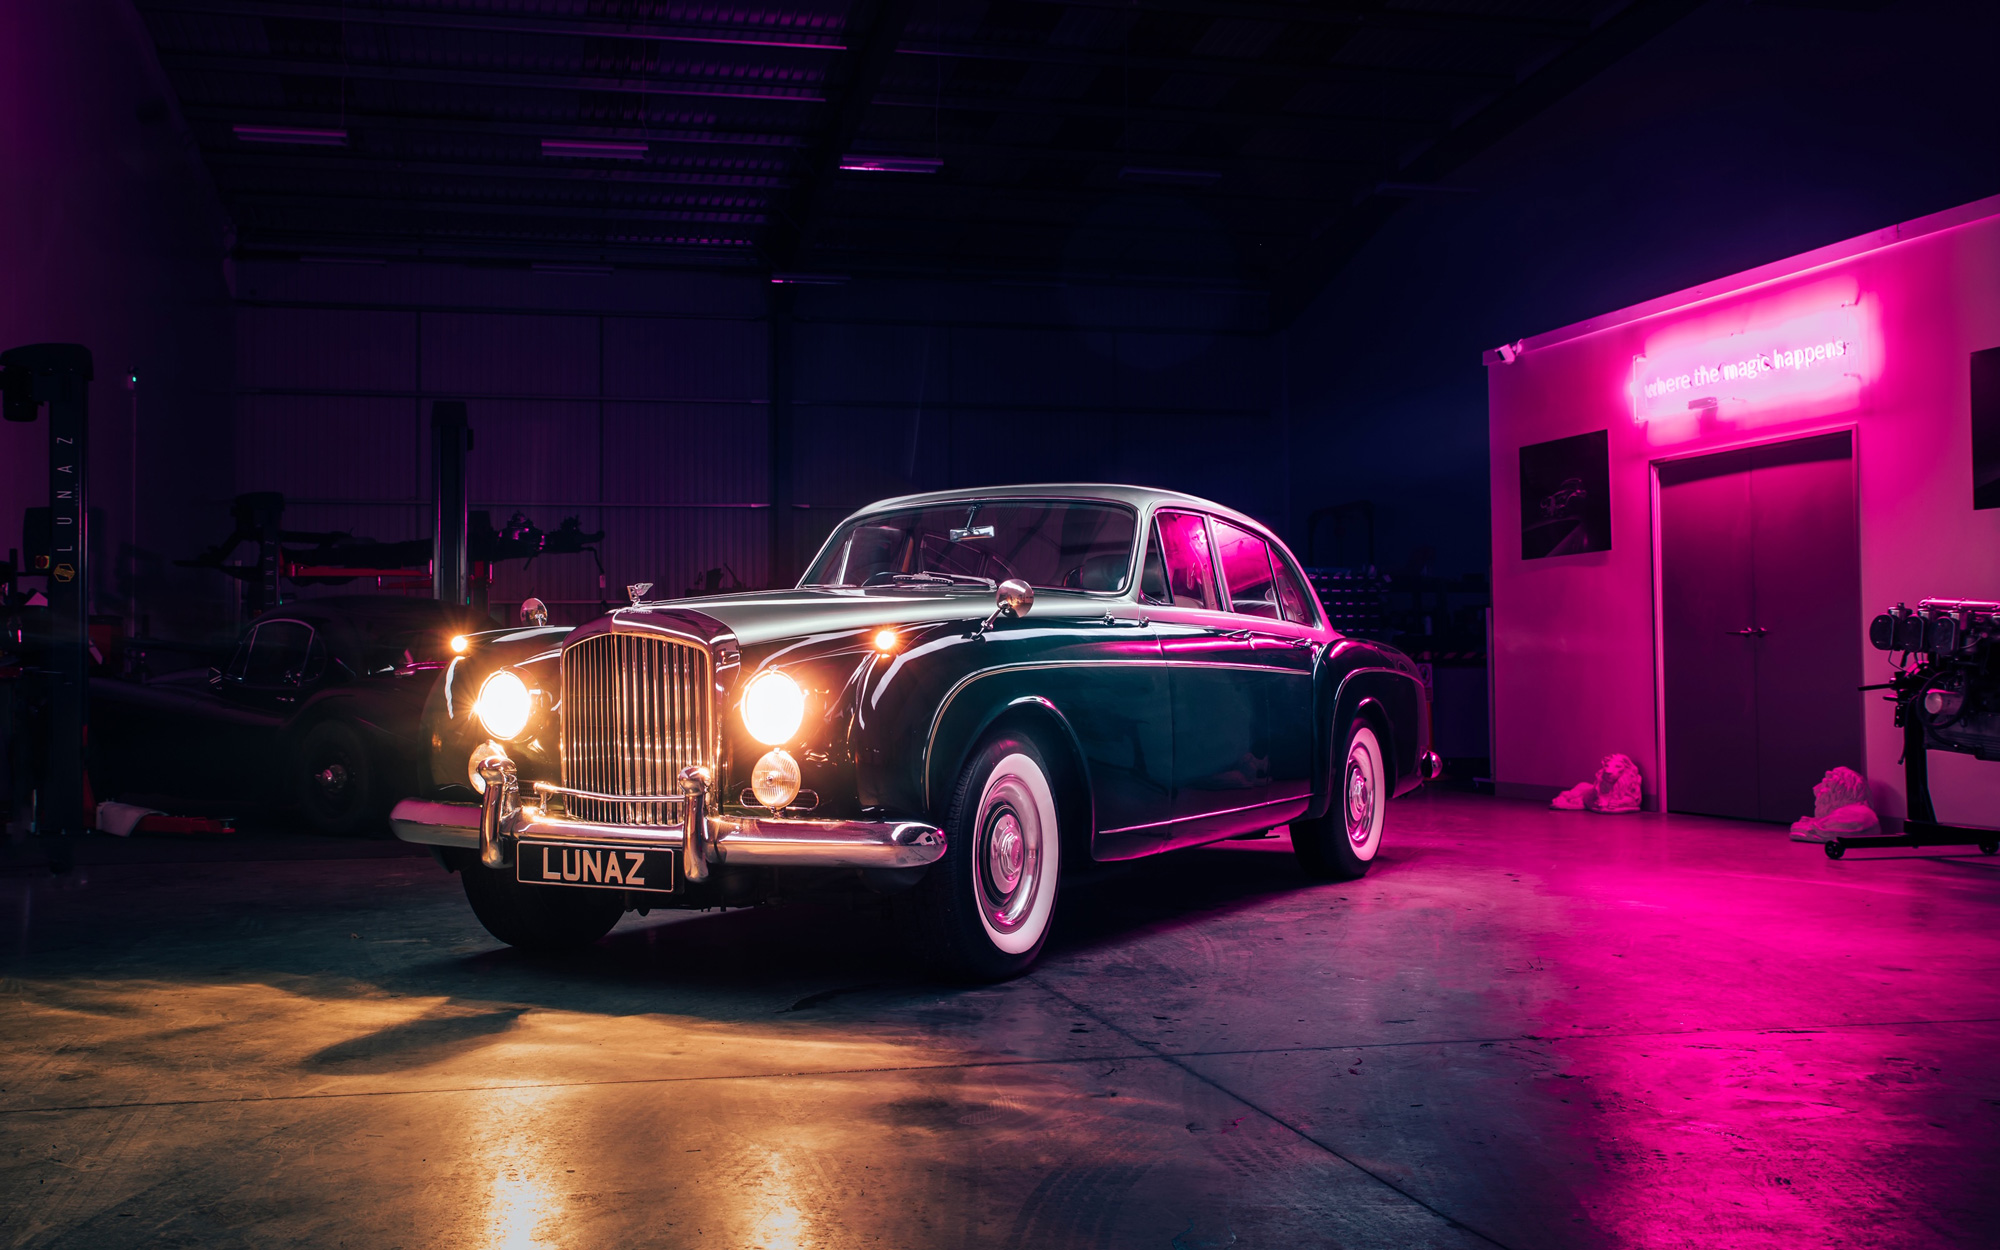 Фирма Lunaz представила очередной проект по превращению раритетной машины в электромобиль: на сей раз за основу взят 60-летний Bentley S2 Continental Flying Spur. Авто построено по индивидуальному заказу.